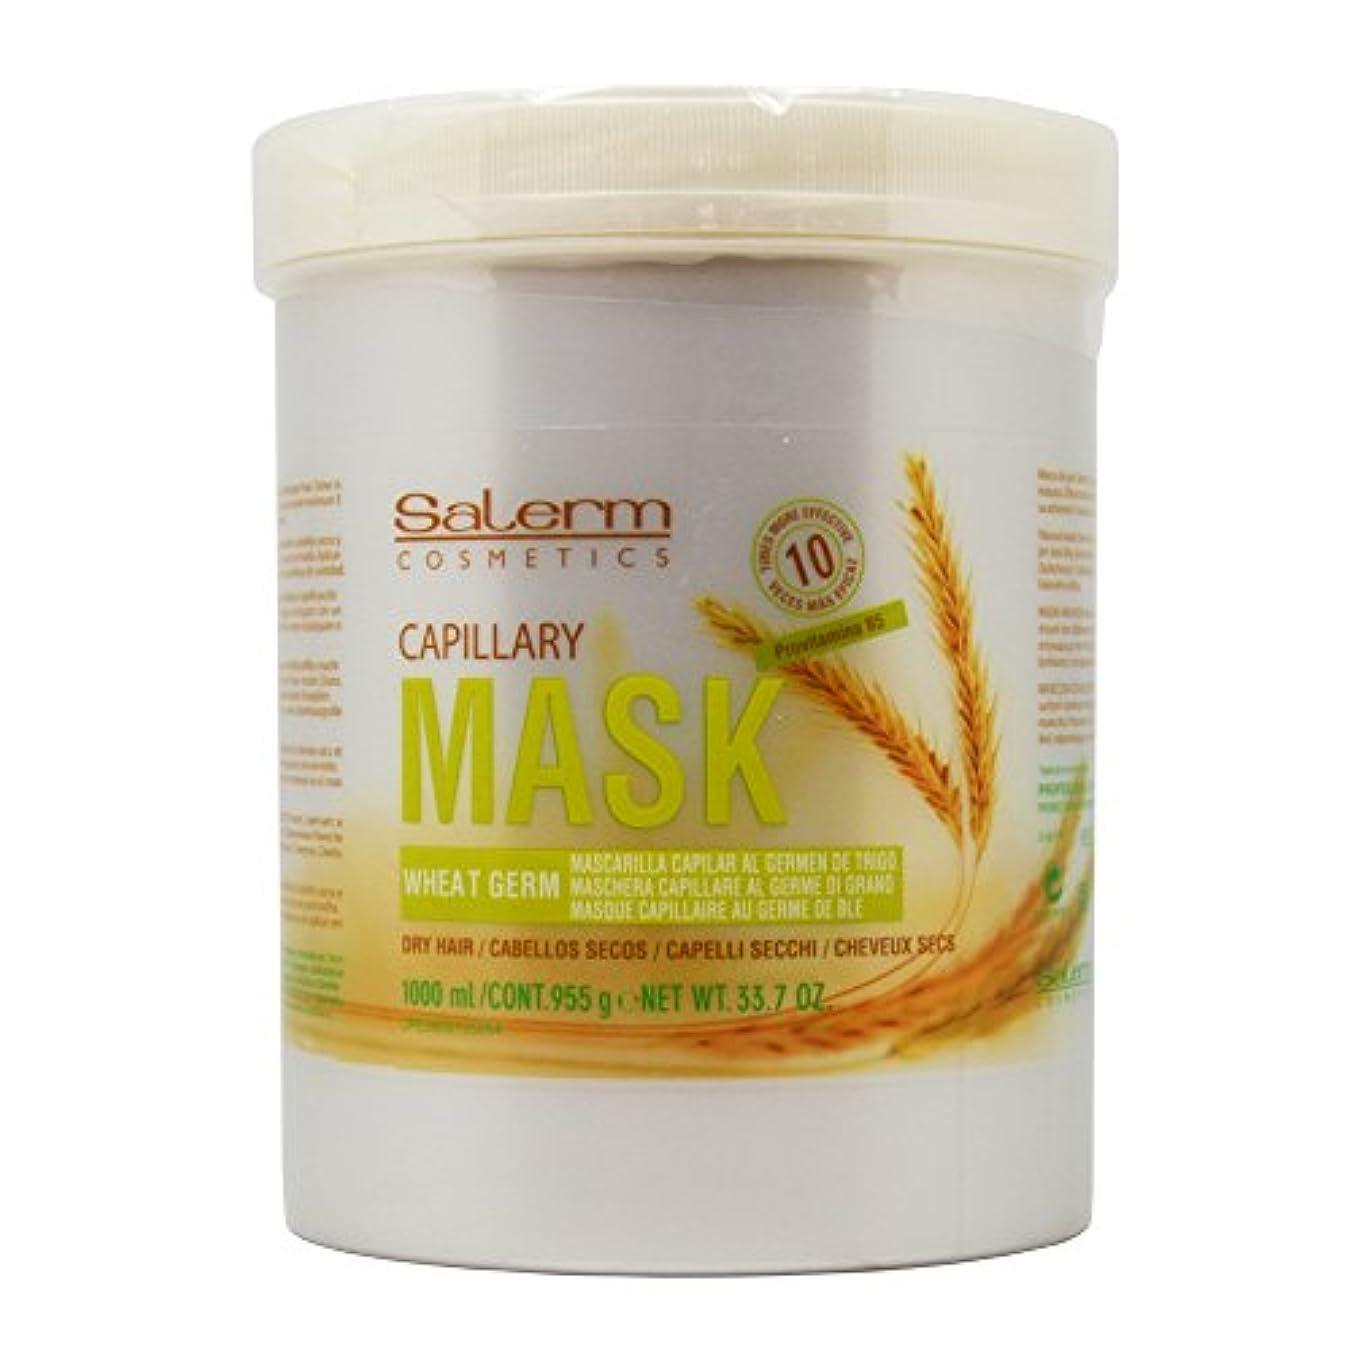 生物学ガラガラねじれCapillary Mask by Salerm Salerm化粧品小麦胚芽キャピラリーマスク、ドライ髪のためのプロビタミンB5 33.7オンス/千ミリリットル - largeリットルサイズ